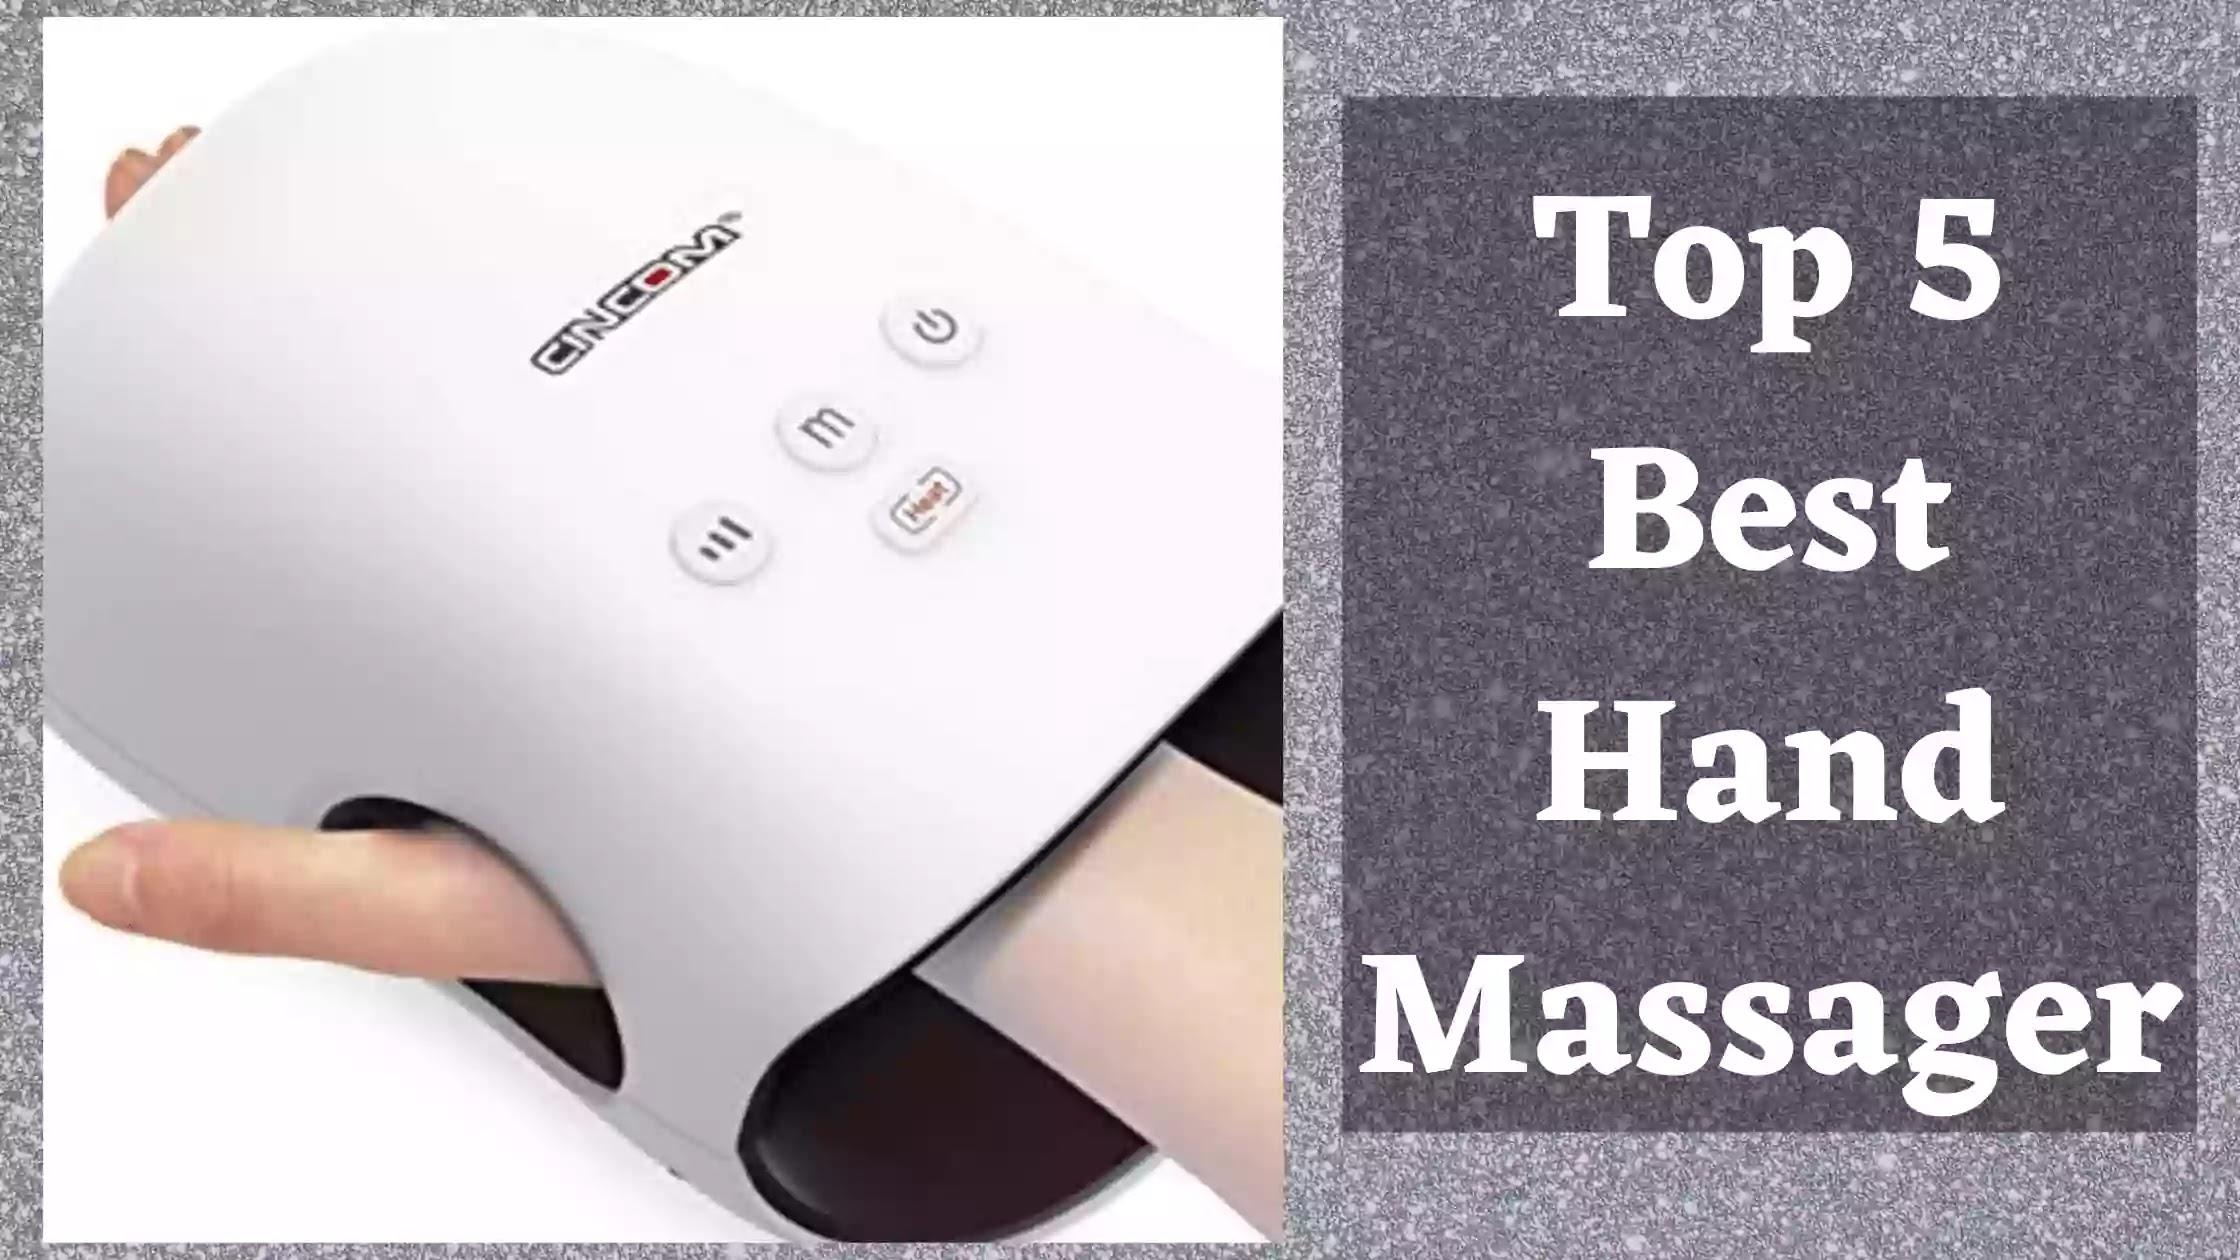 Best hand massager